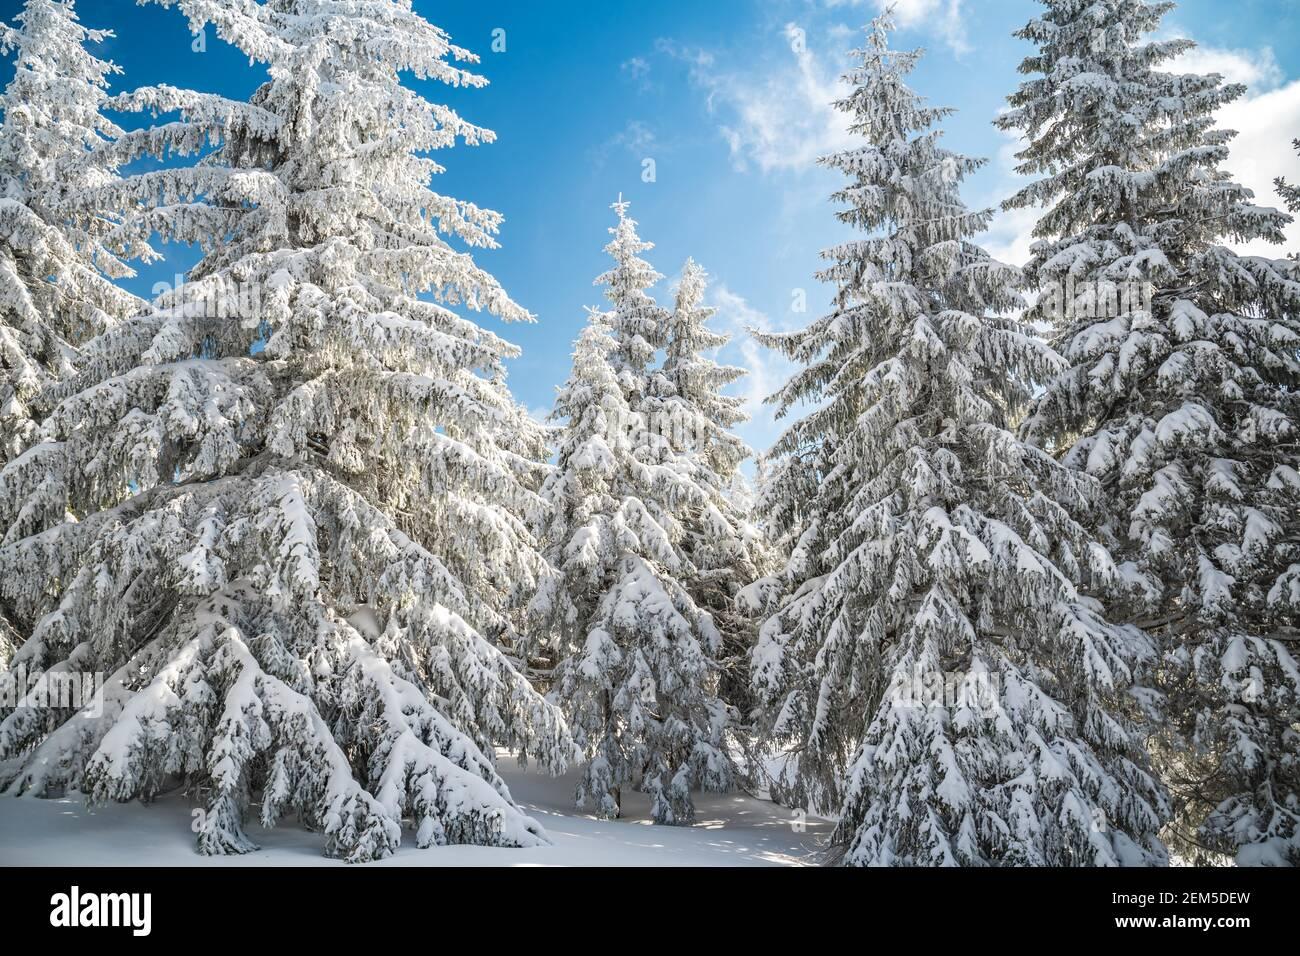 Majestueux sapins blancs illuminés par la lumière du soleil contre le ciel bleu foncé. Magnifique scène d'hiver. Lieu République tchèque, Krkonose. Banque D'Images